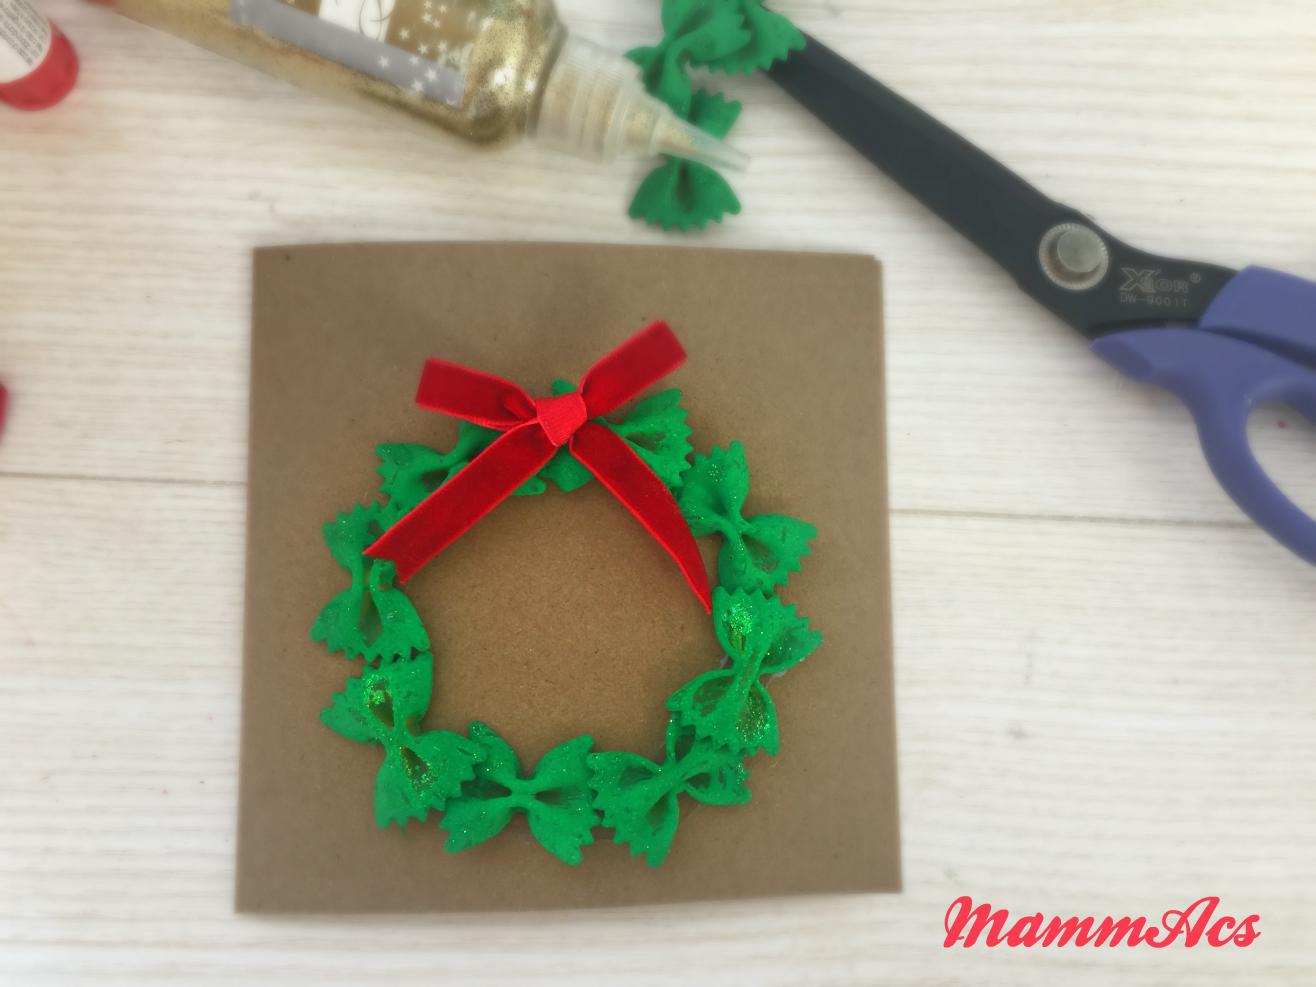 Ghirlanda natalizia di pasta mammacs for Ghirlande natalizie di carta